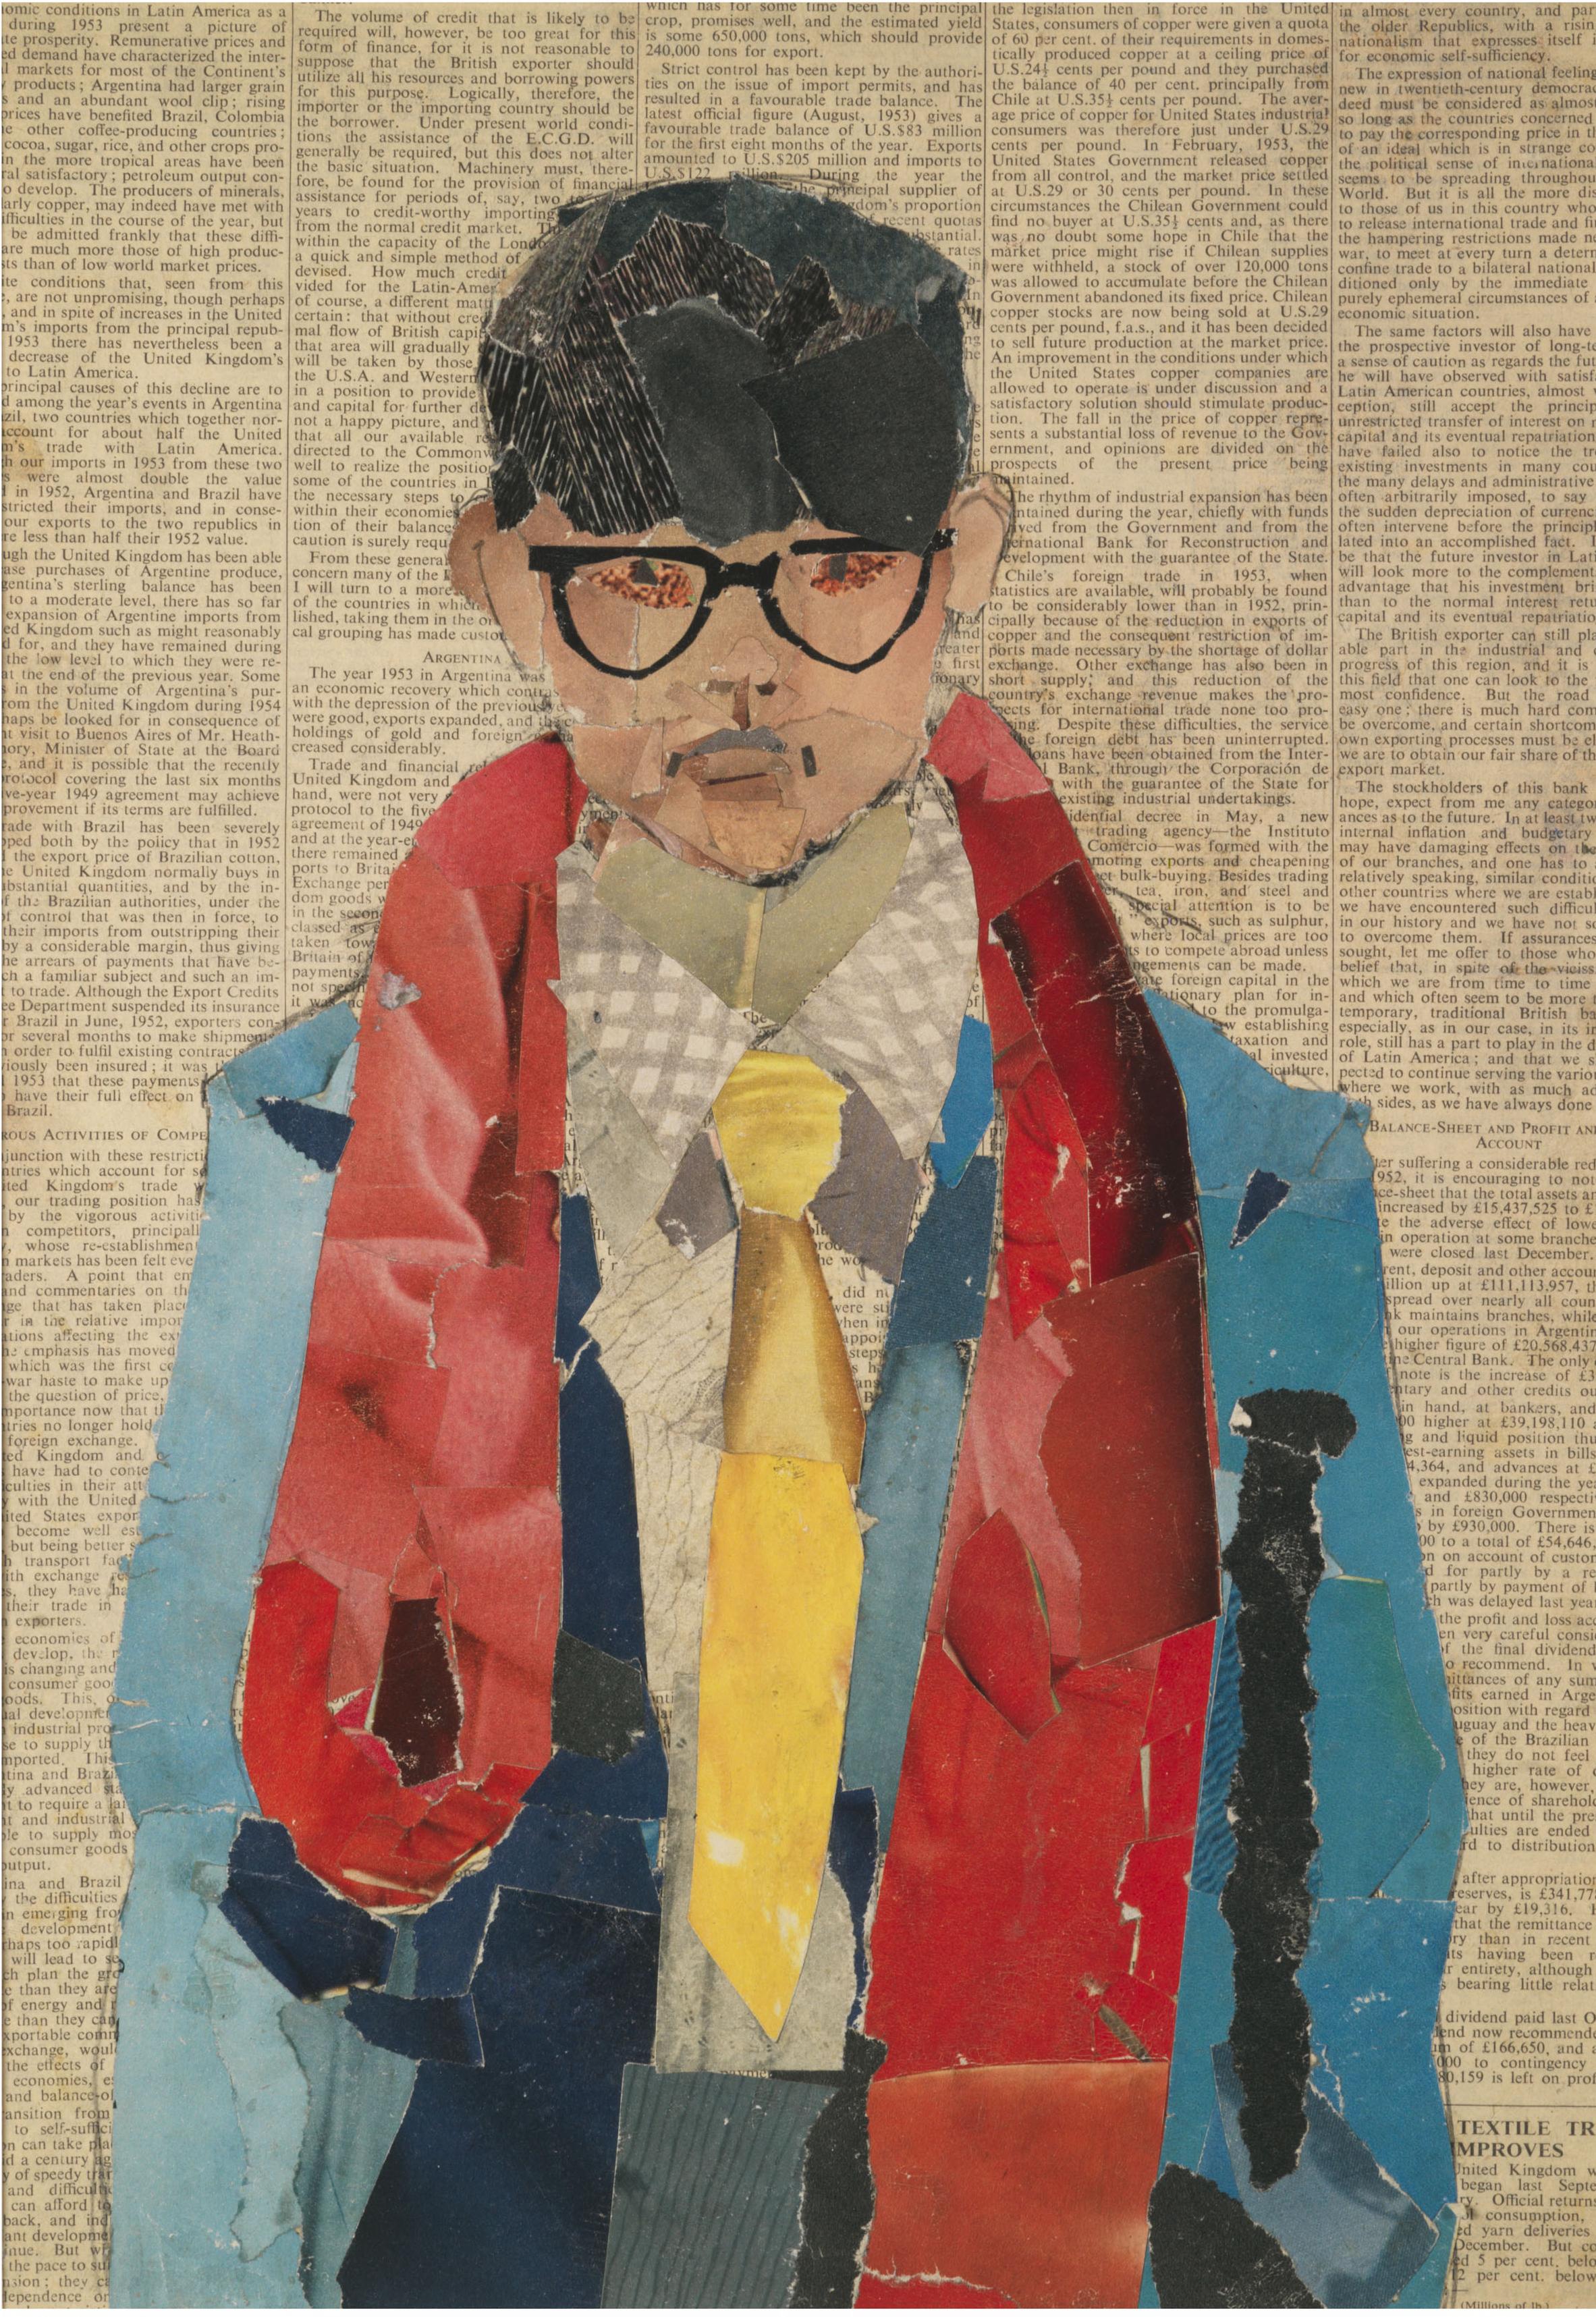 1David Hockney Self Portrait 1954 Collage sur papier journal © David Hockney photo Richard Schmidt - Copie (2)